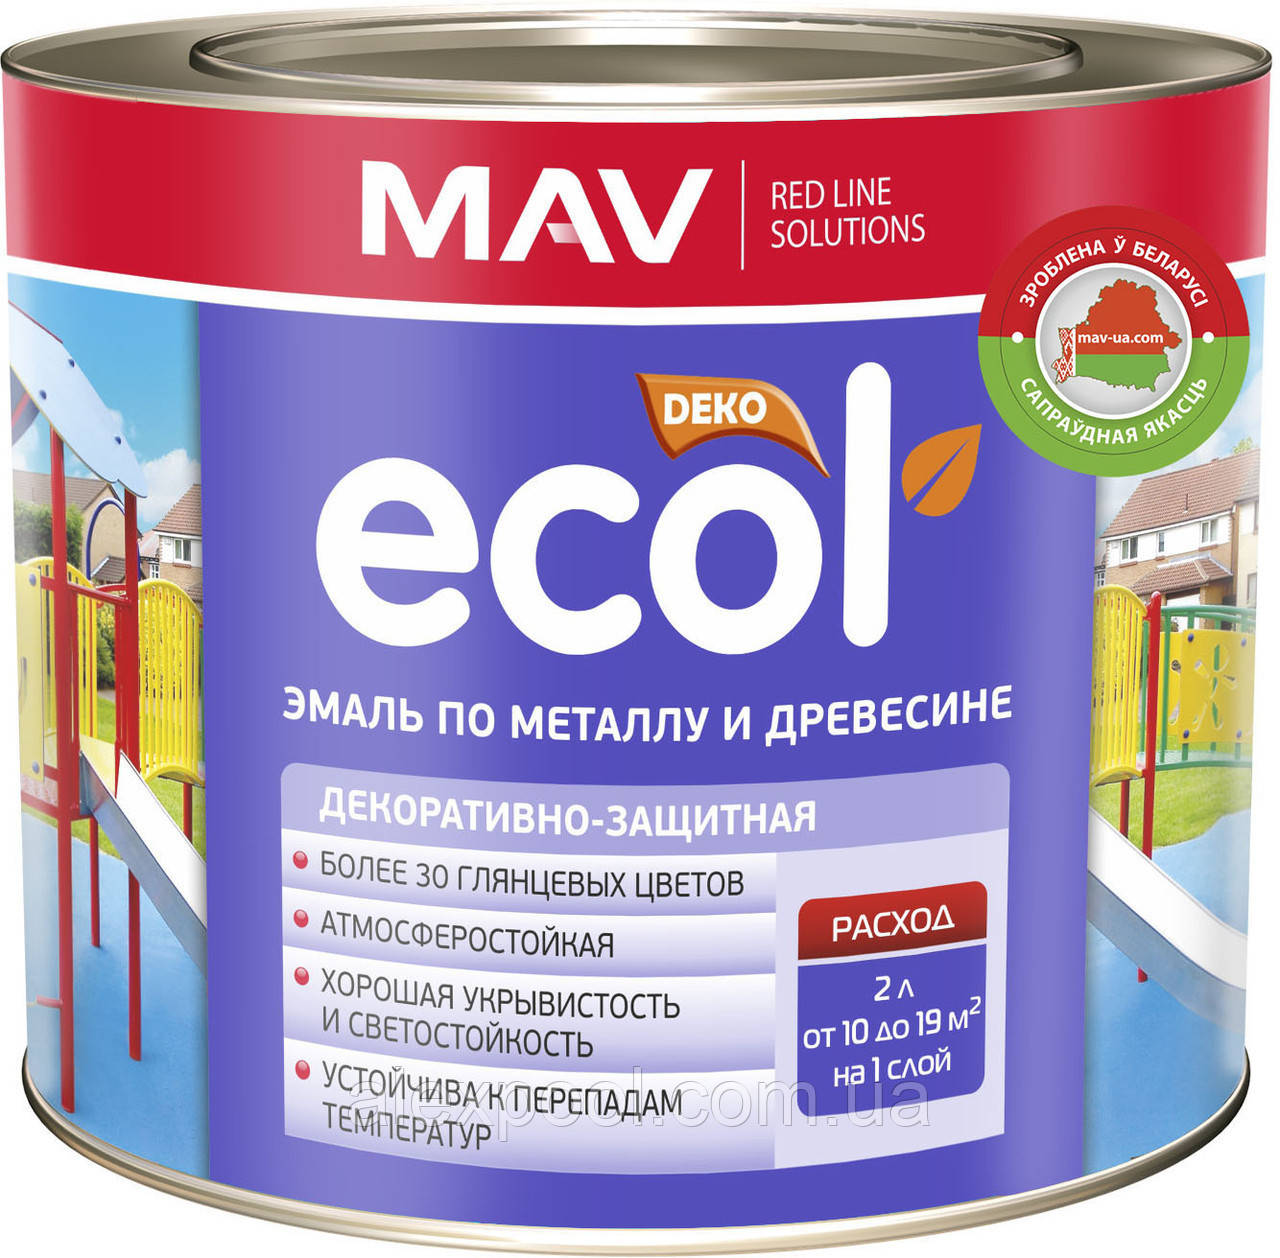 Эмаль MAV ECOL по металлу и древесине Черная 1 литр